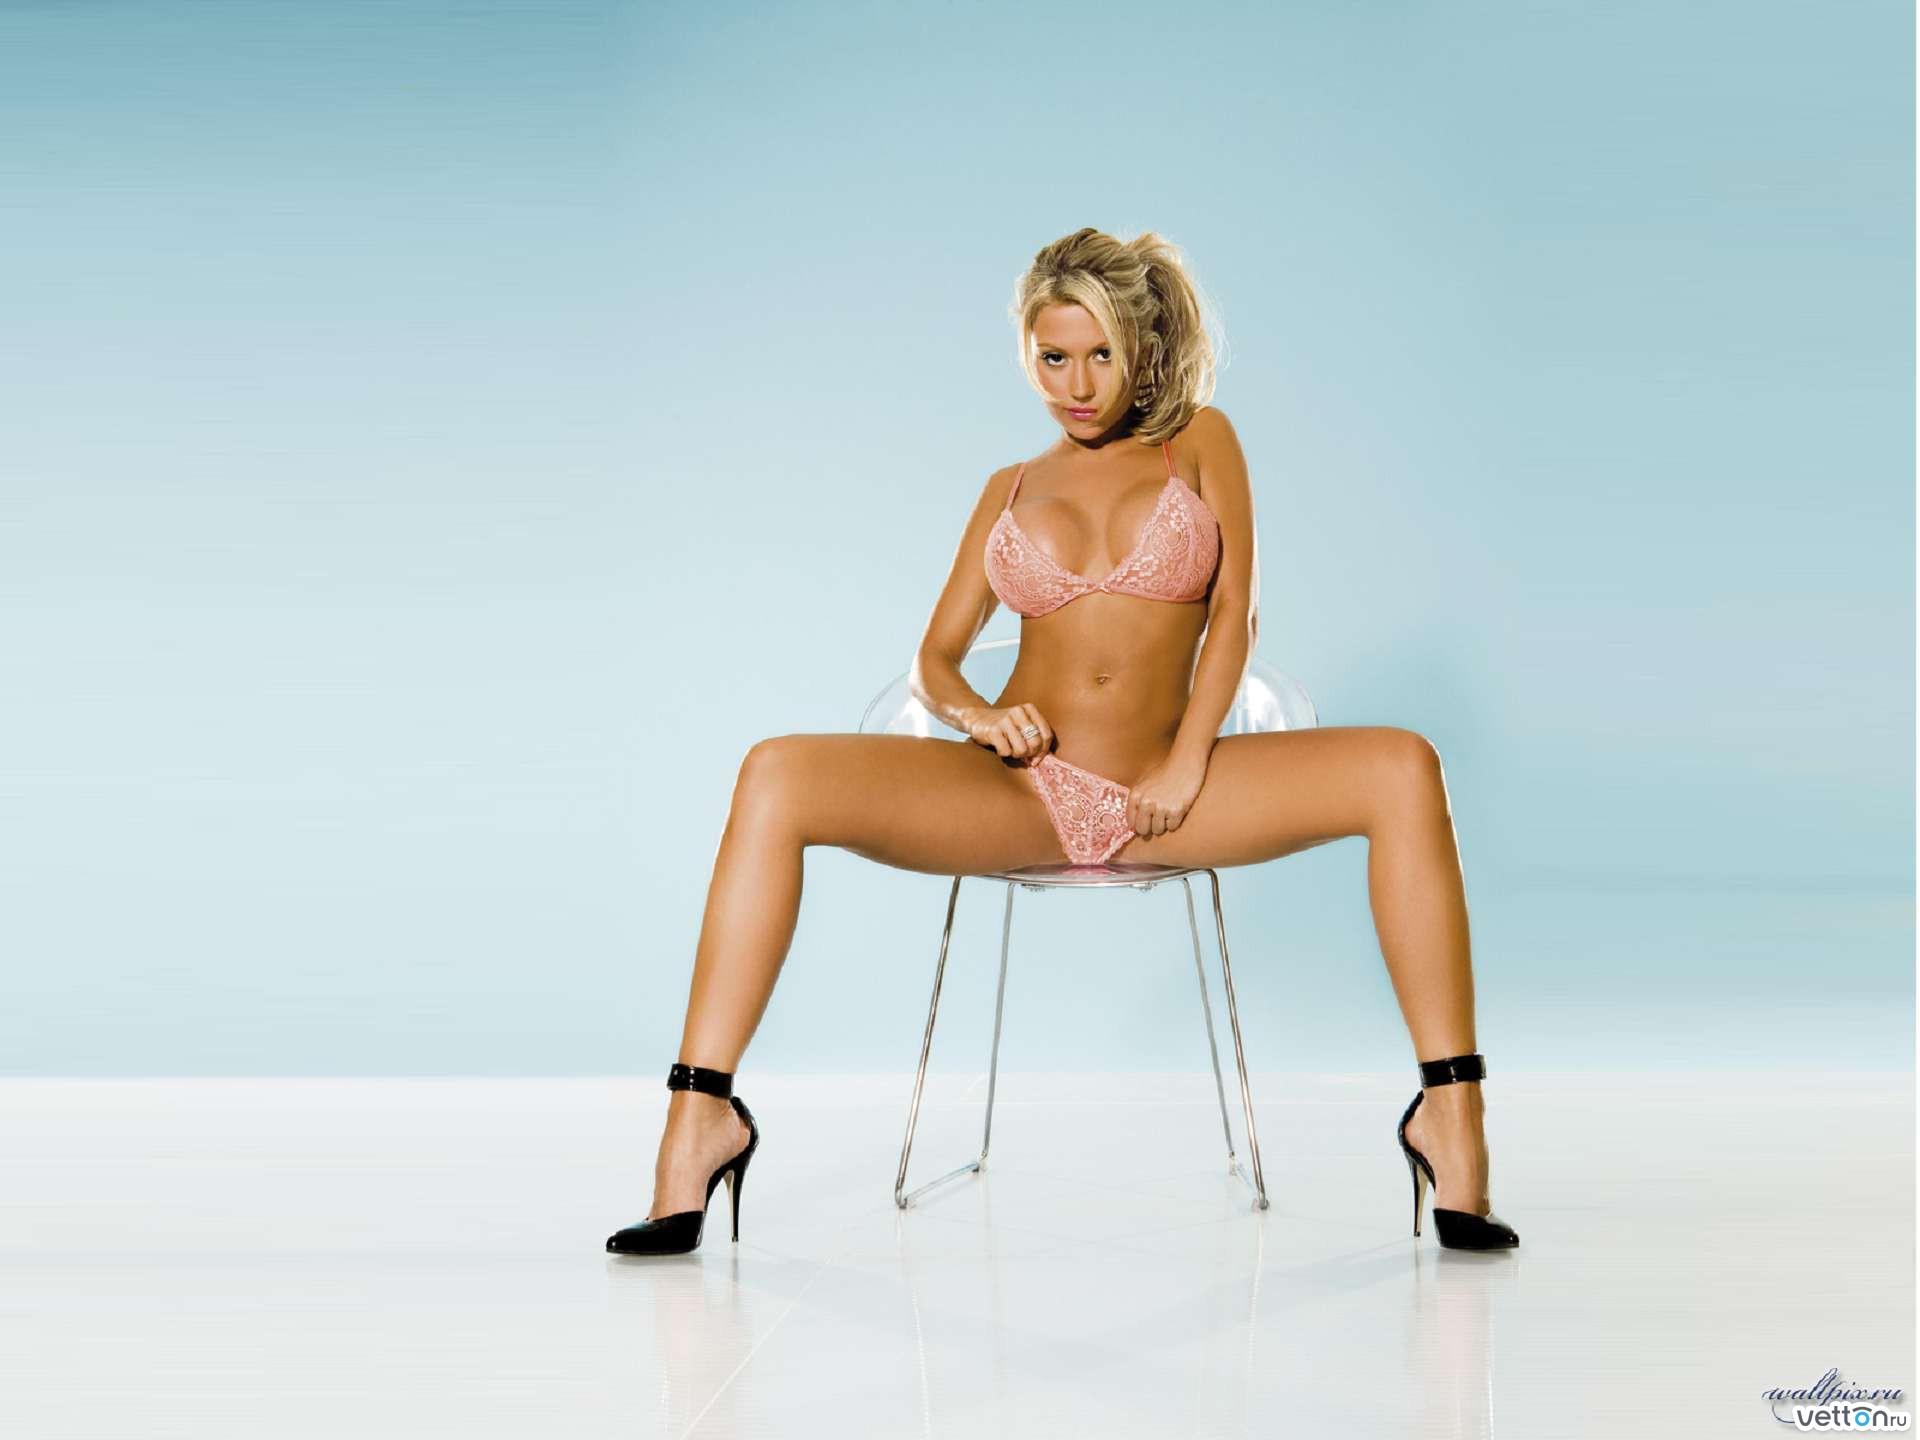 Фото стрипциз голые девушки 25 фотография